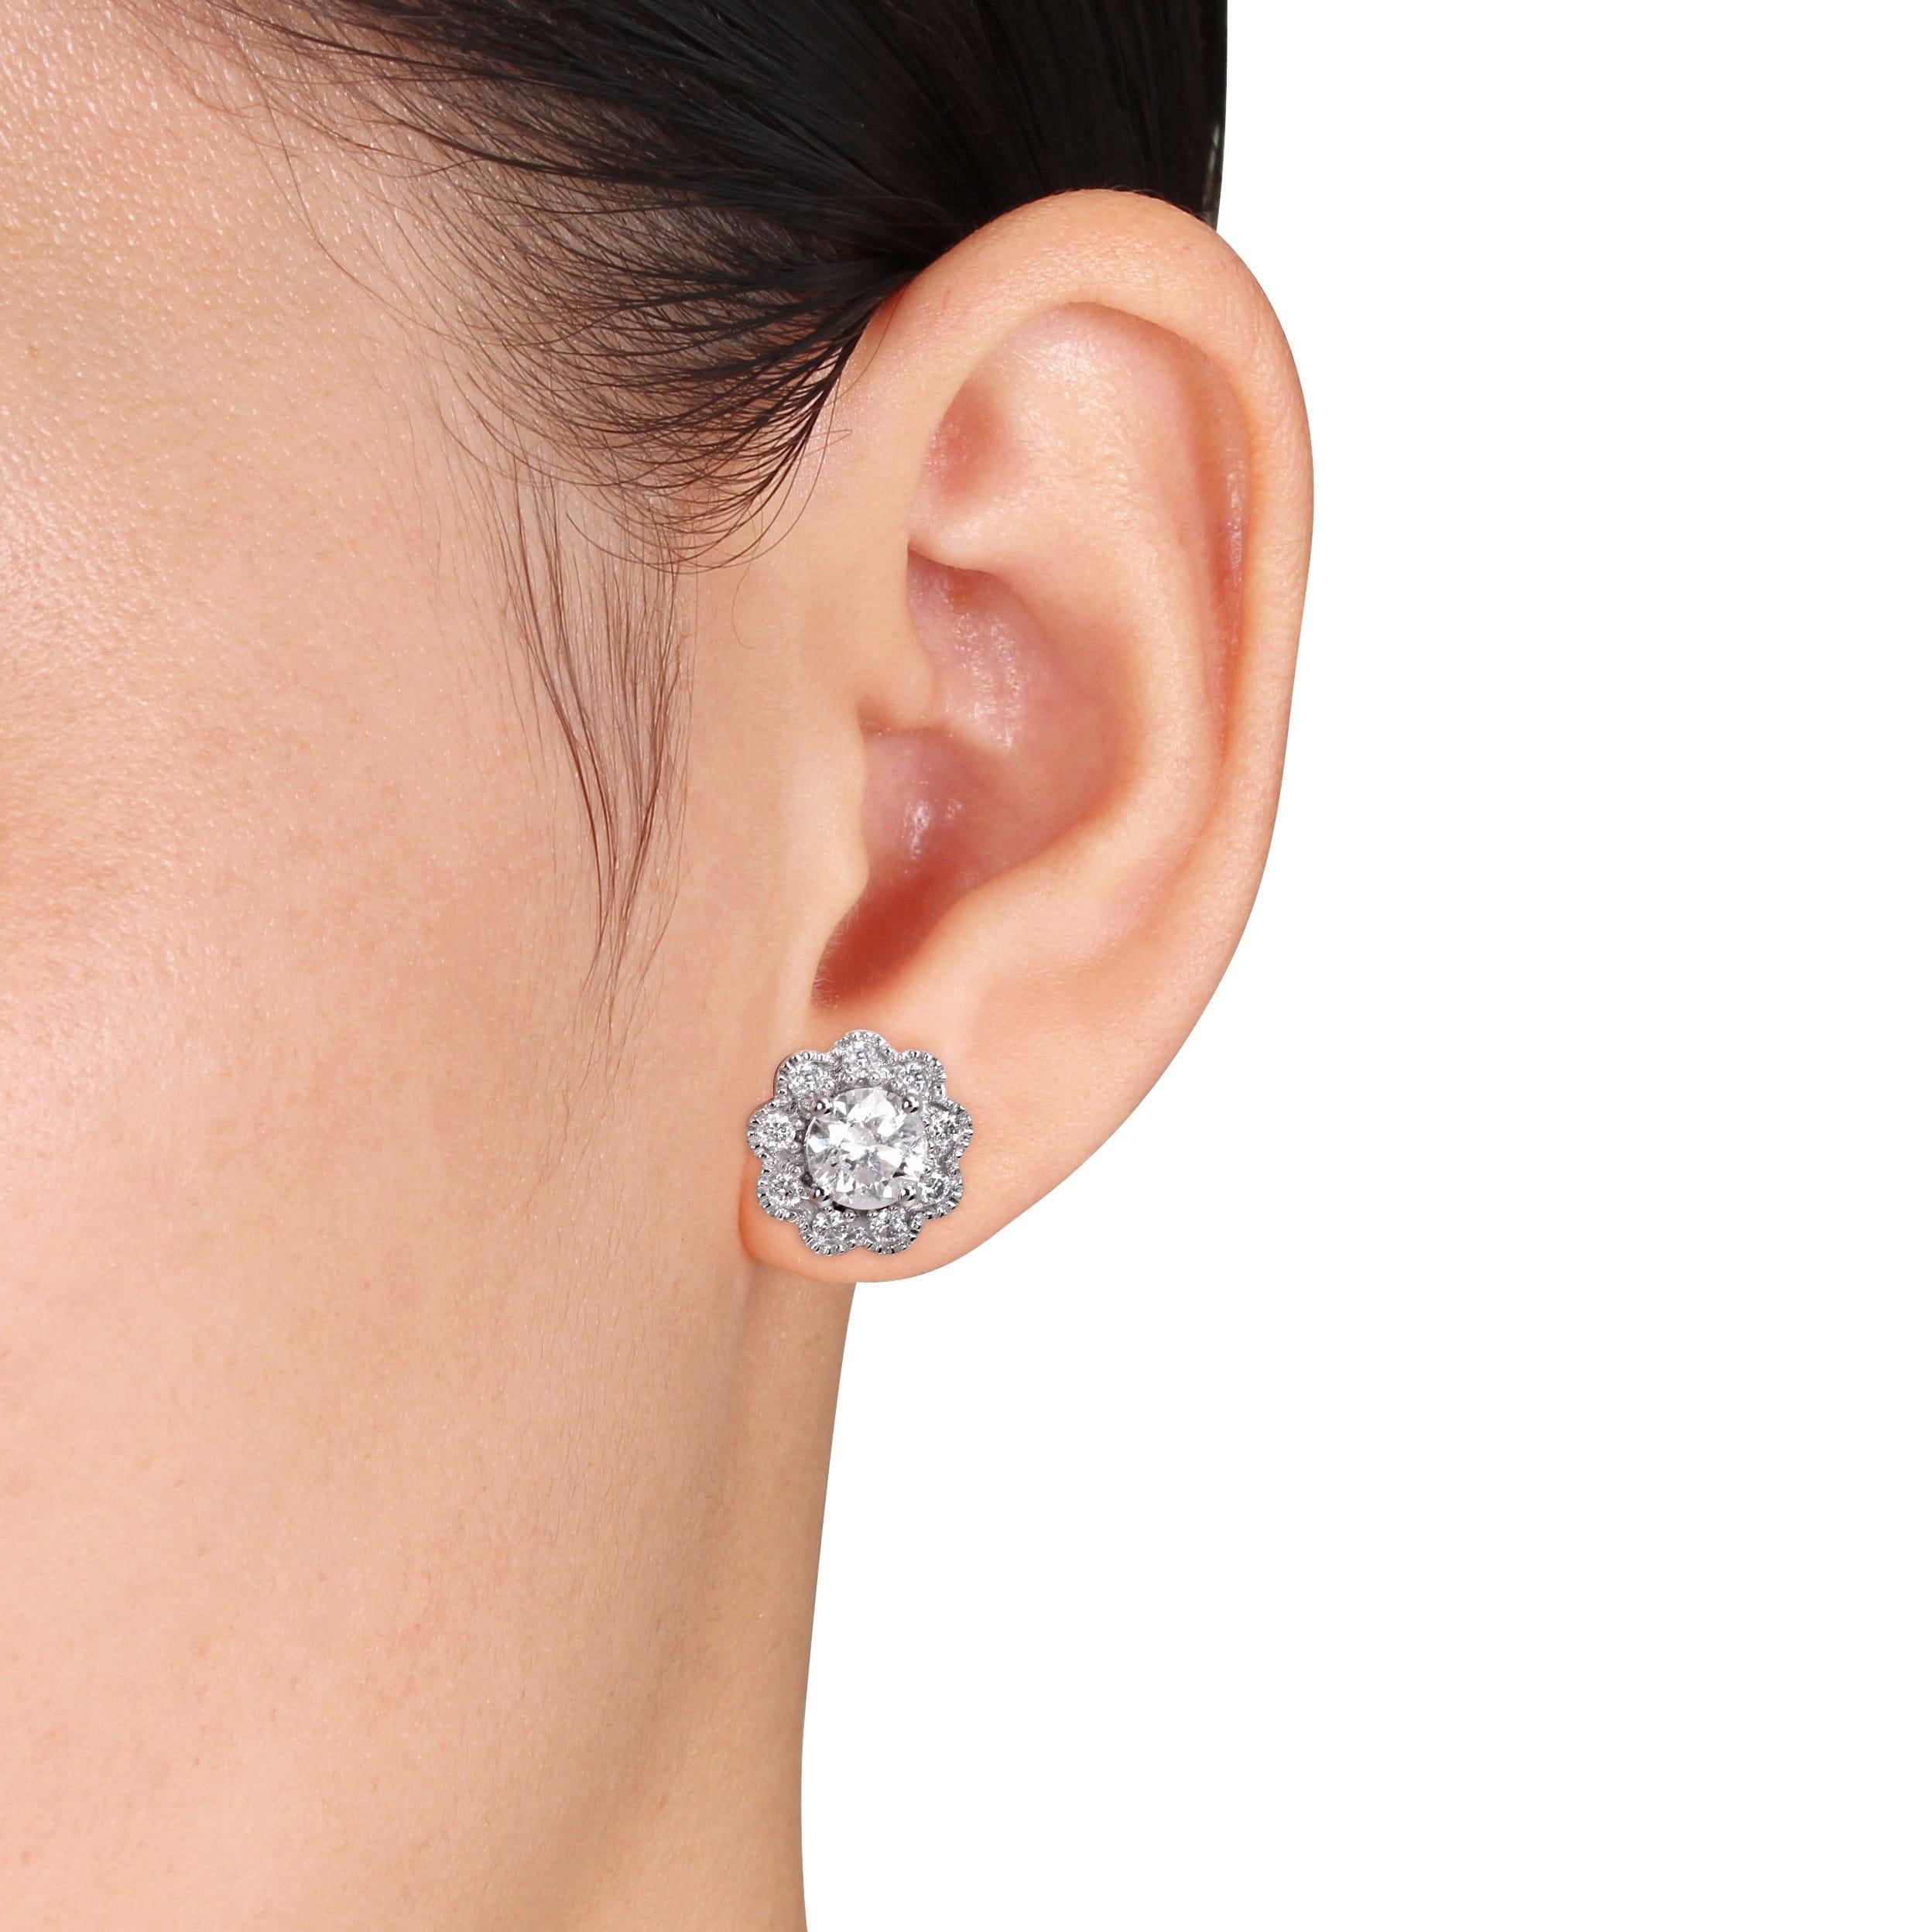 b5e372638f043 Laura Ashley 10k White Gold 1ct TDW Diamond Flower Stud Earrings